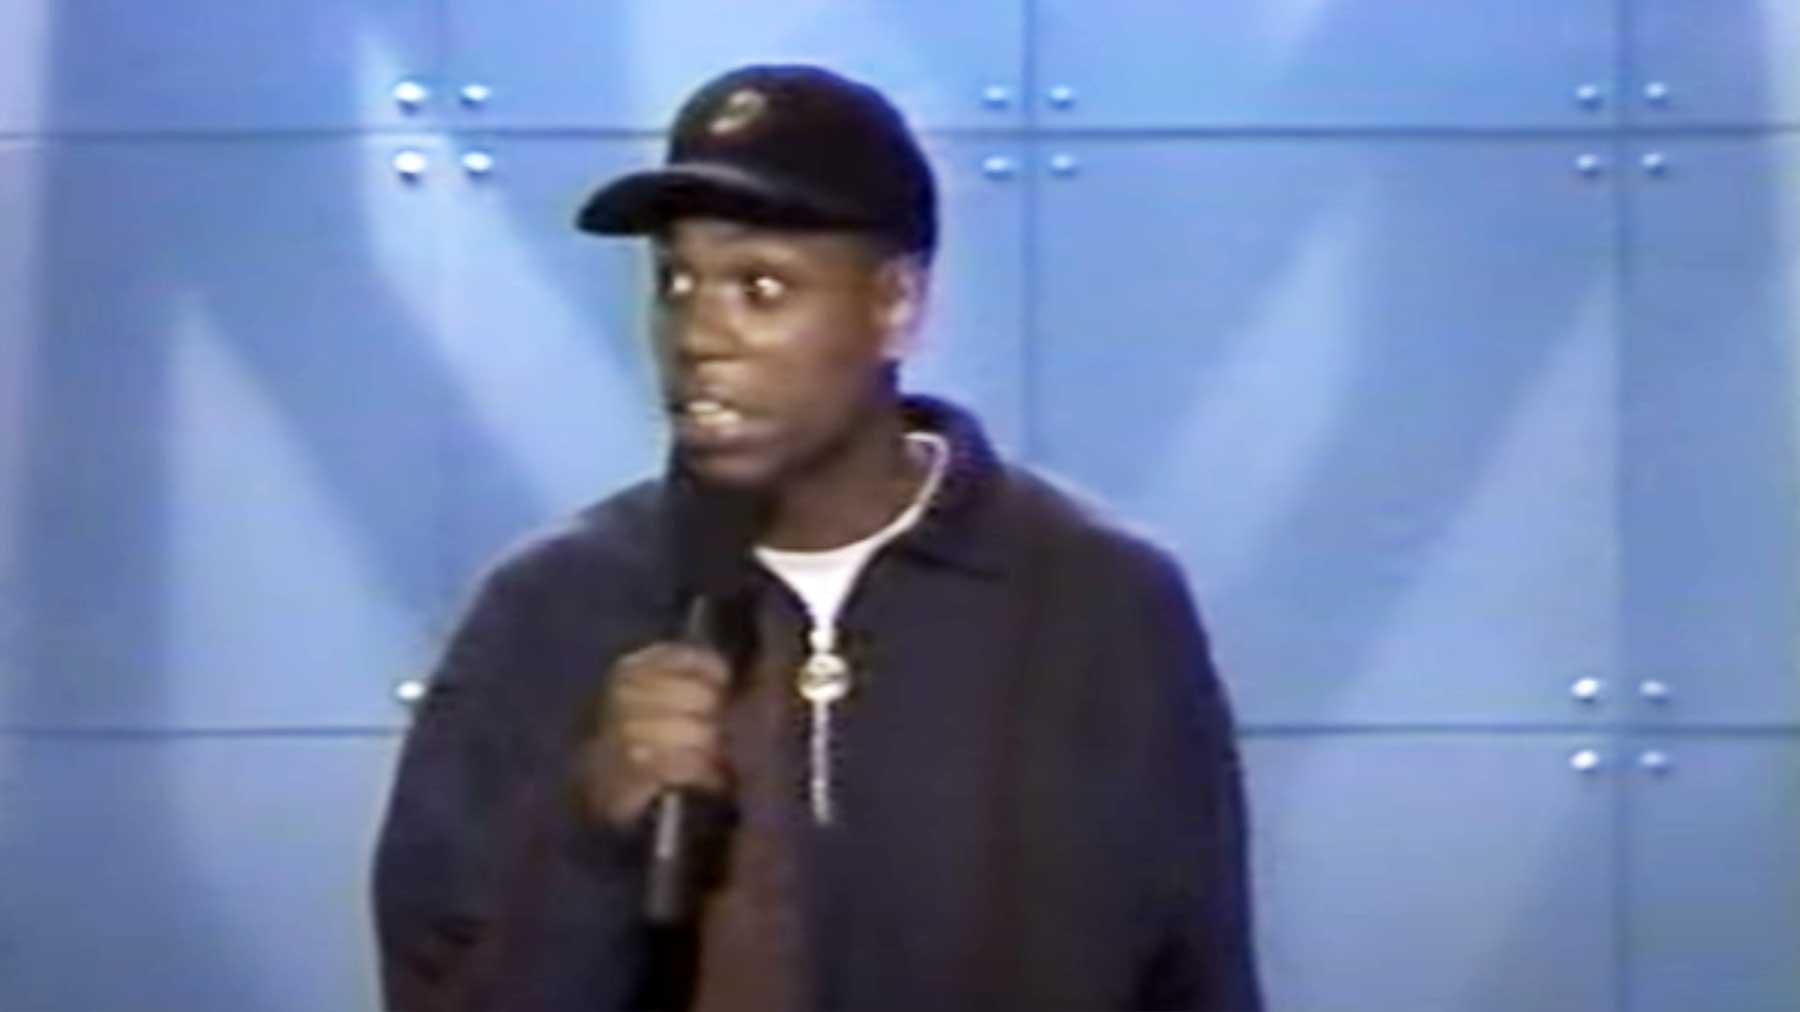 TV-Auftritt eines 19-jährigen Dave Chappelle in 1993 dave-chapelle-erster-tv-auftritt-1993